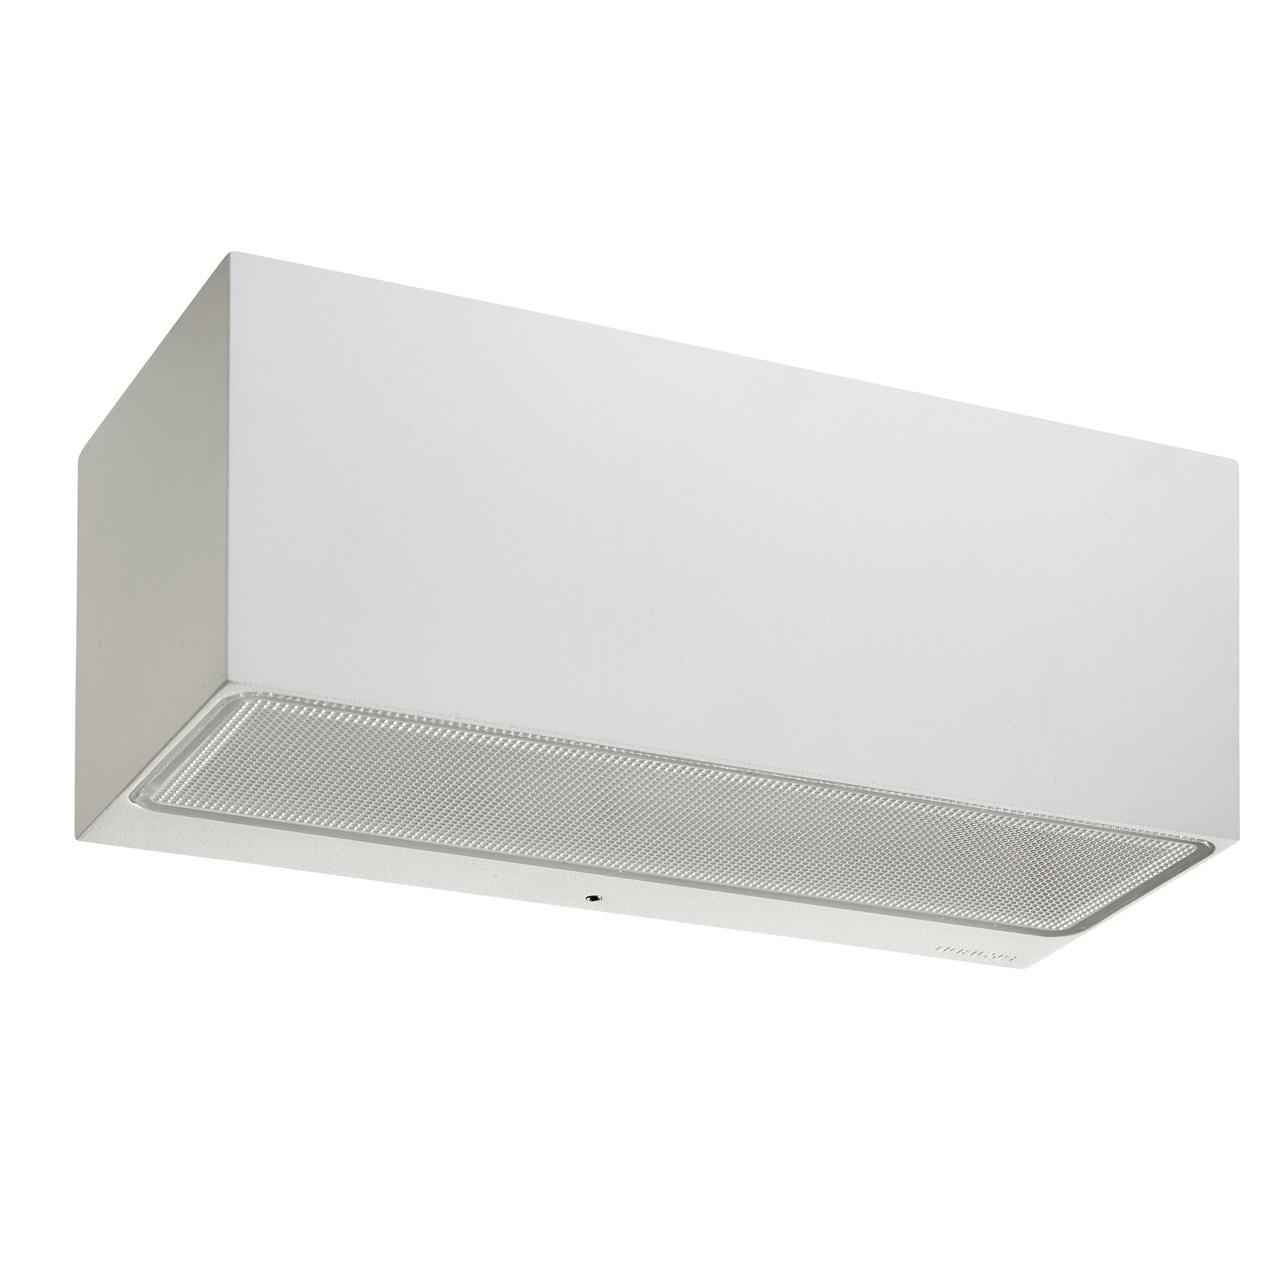 Lampa ścienna ASKER LED 5103W -Norlys  SPRAWDŹ RABATY  5-10-15-20 % w koszyku